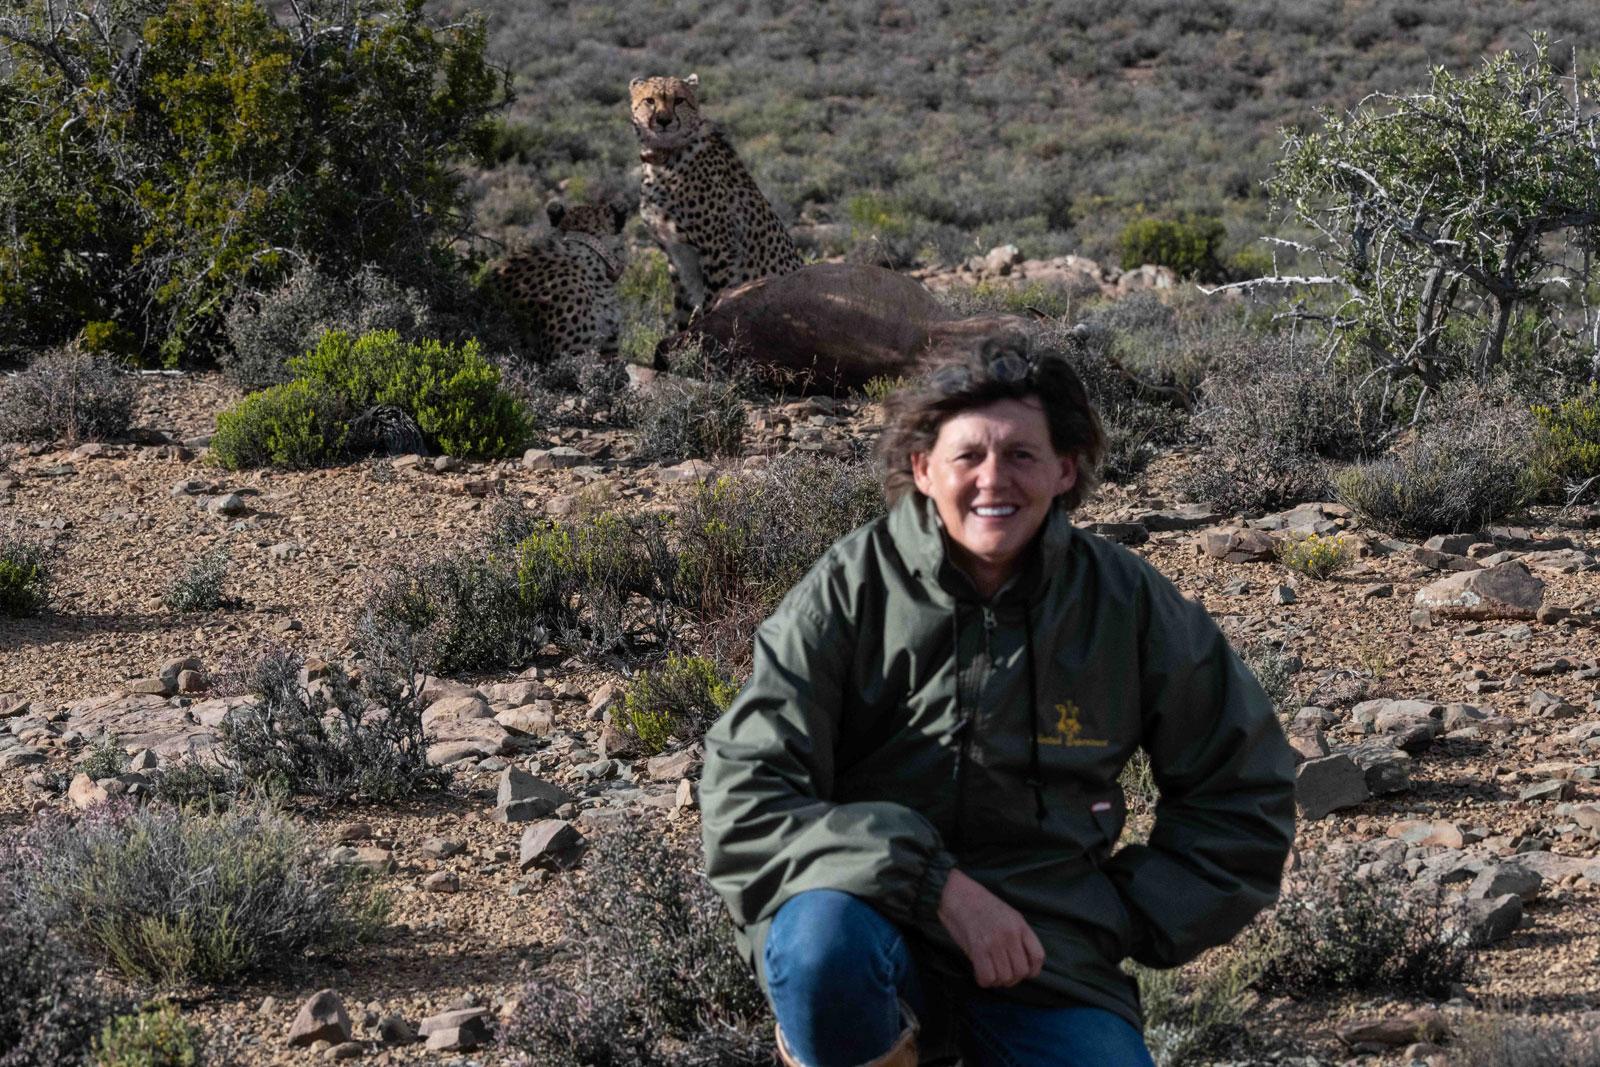 Cheetah Project (ASHIA and EWT) : Observing Cheetah